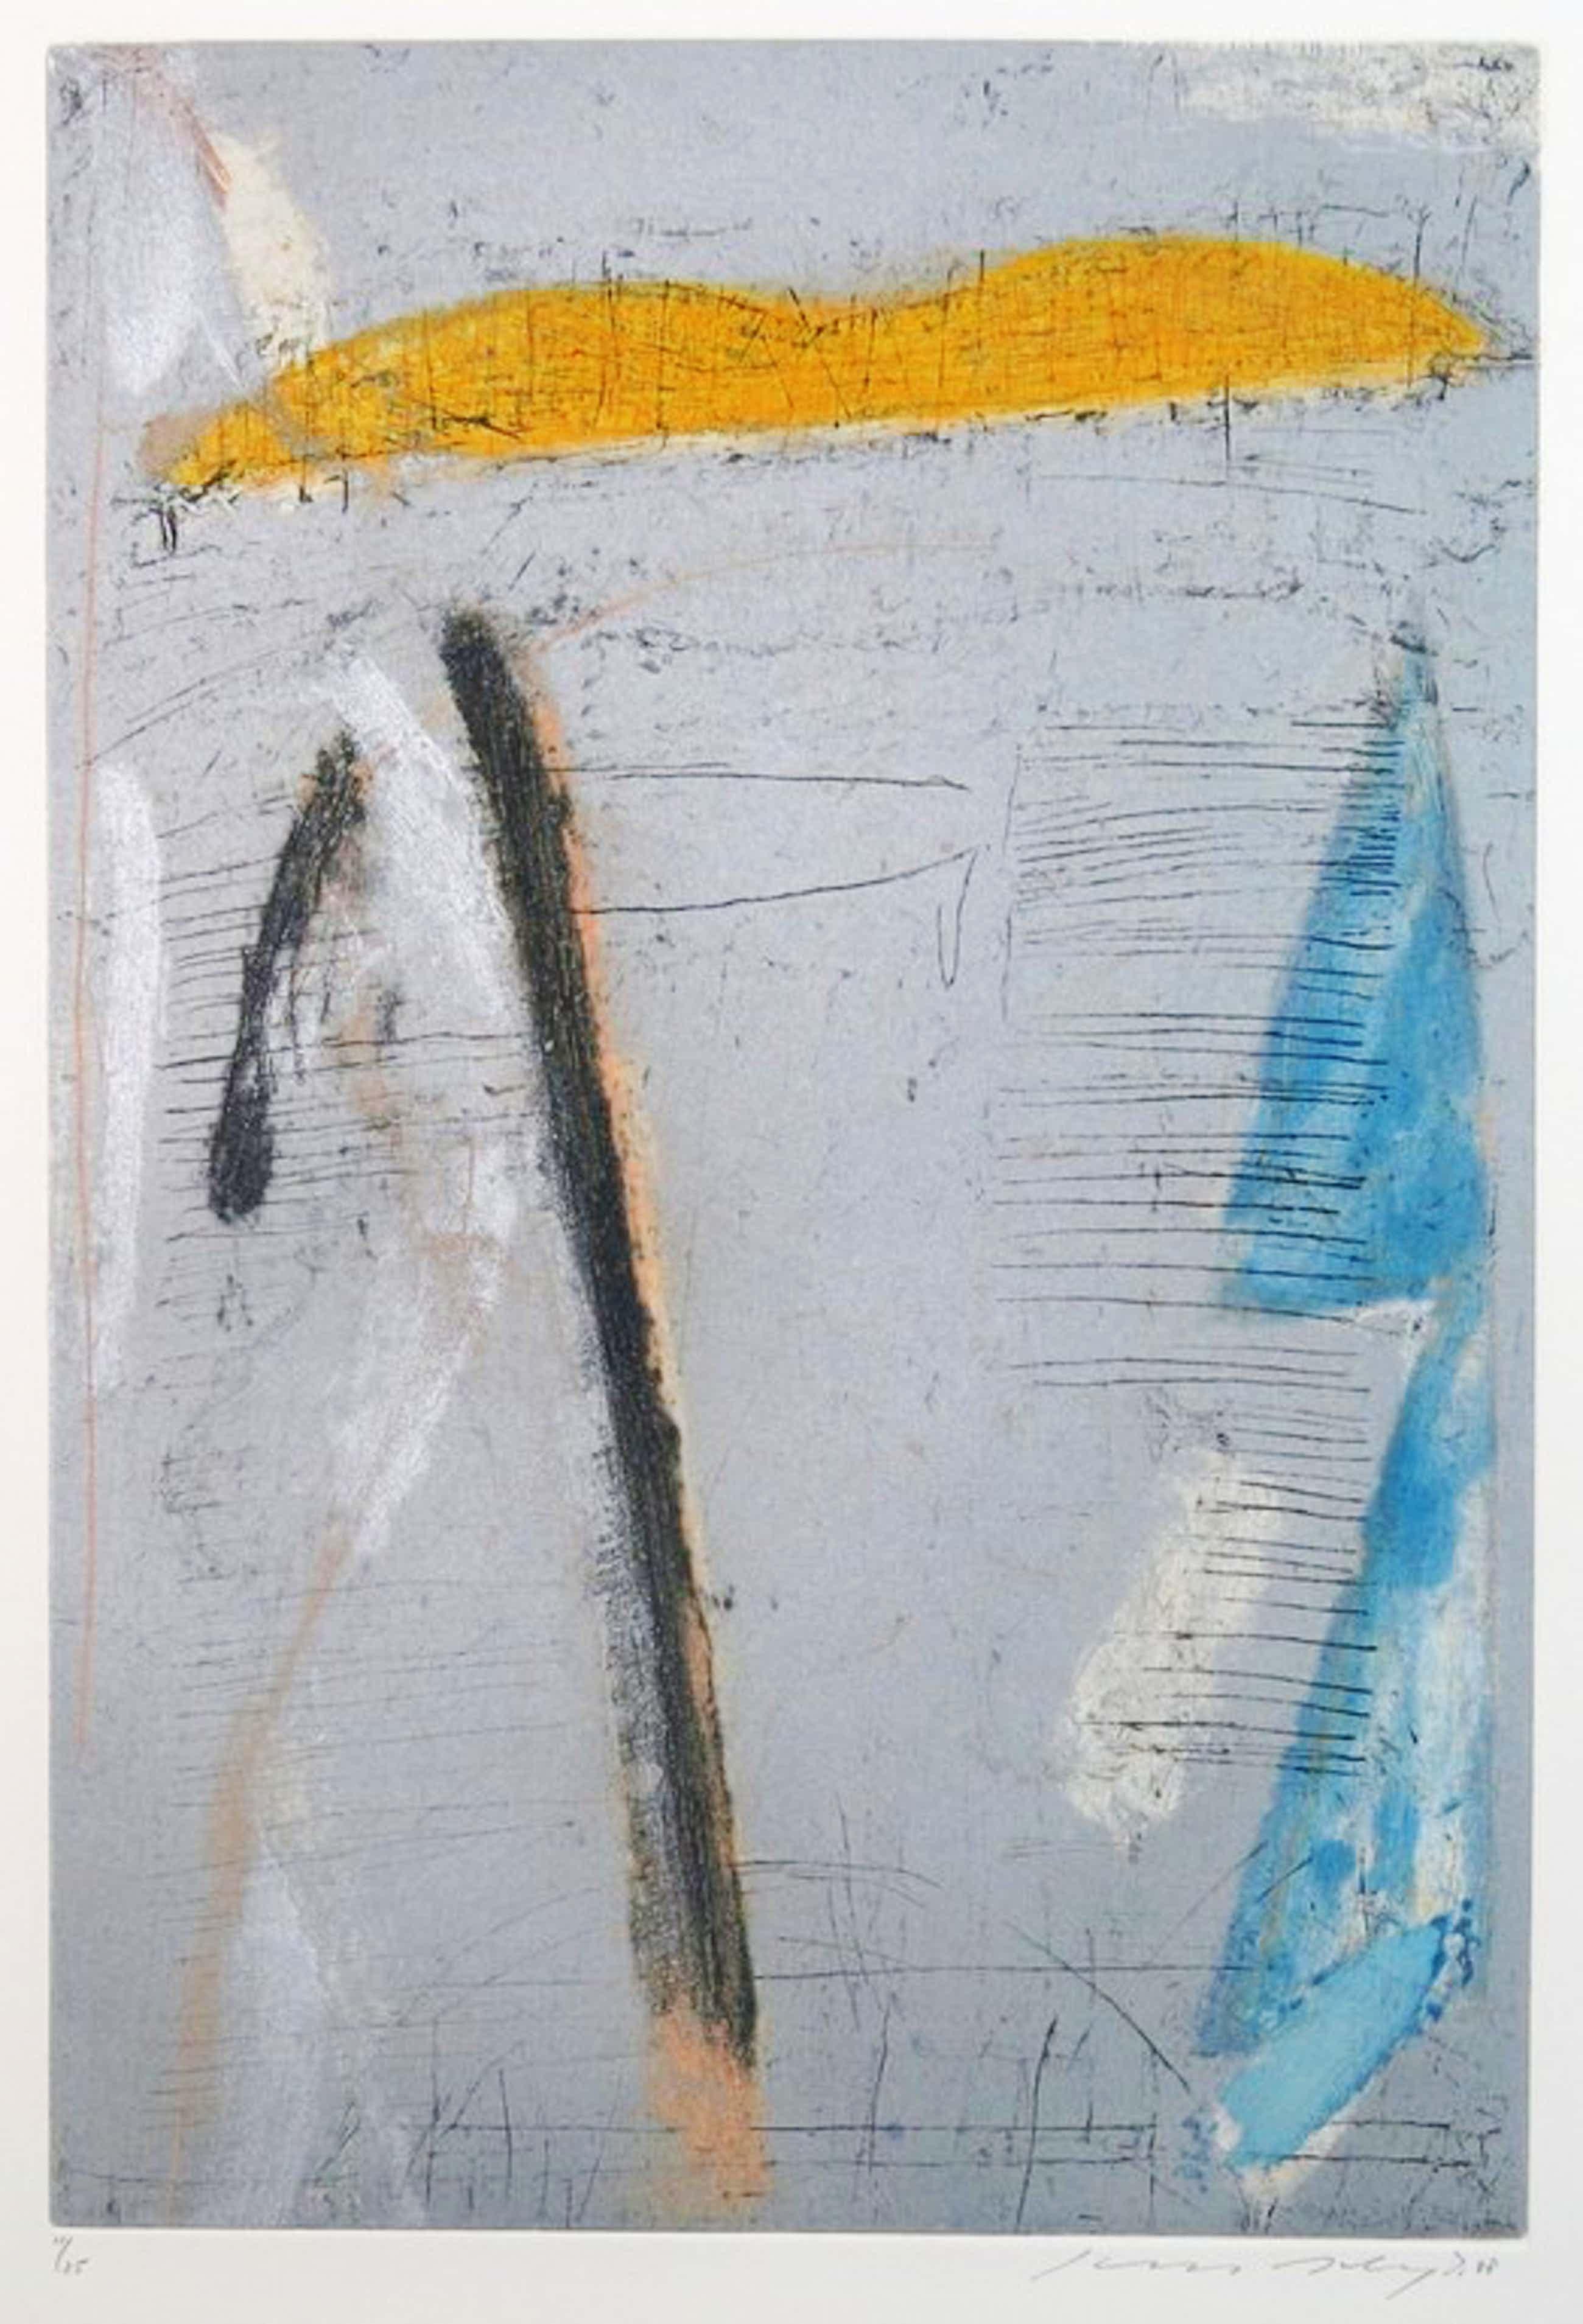 Kees Slegt: Ets, Abstracte compositie kopen? Bied vanaf 40!